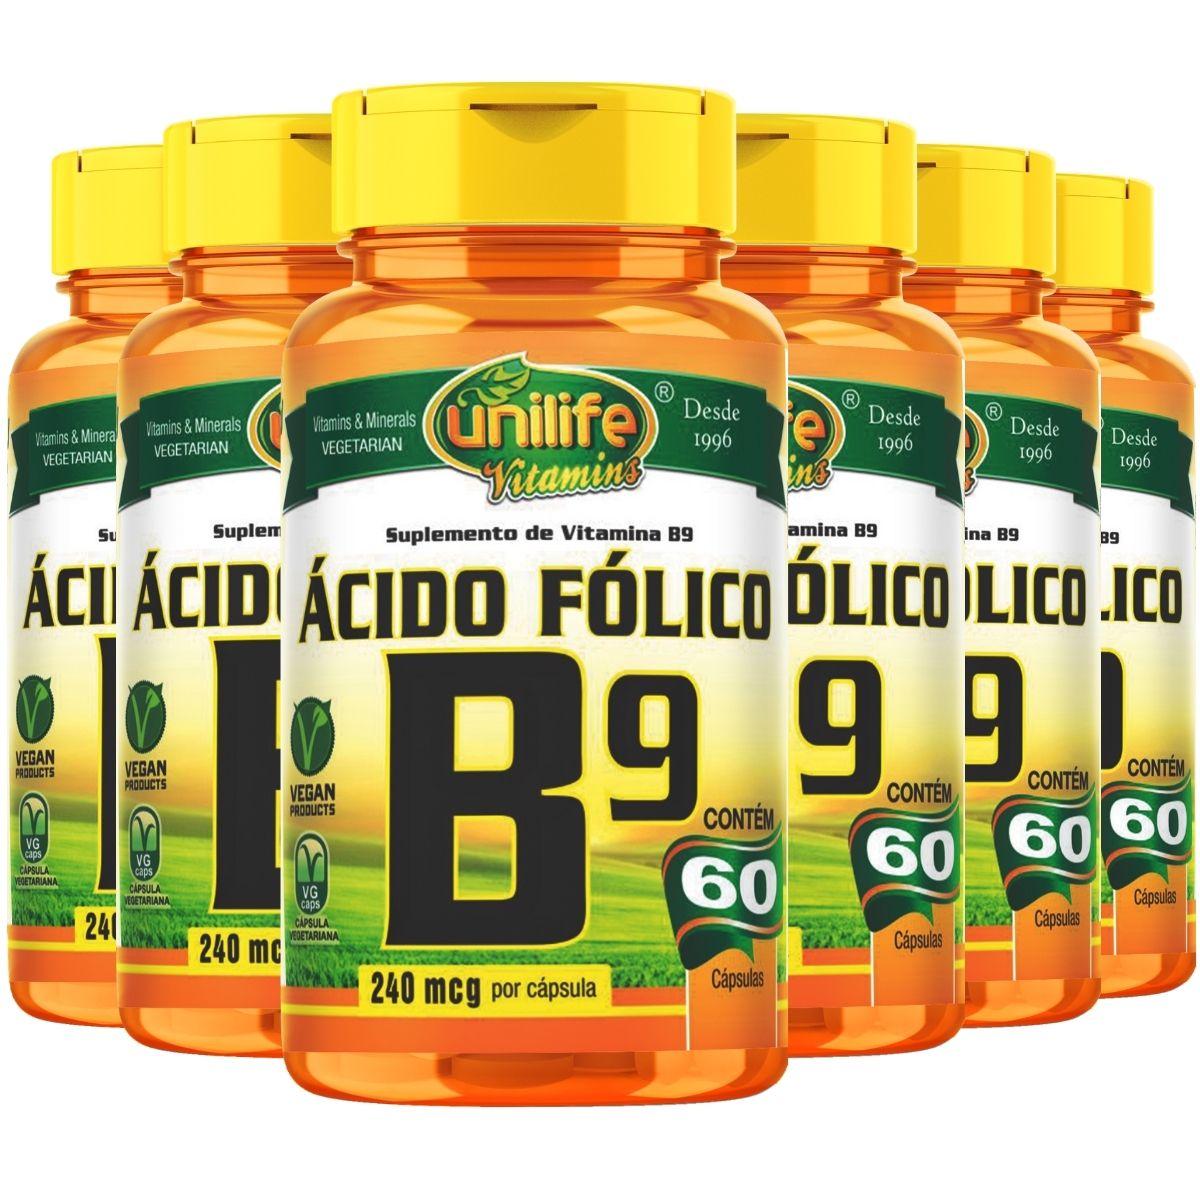 Kit 6 Vitamina B9 Ácido Fólico 60 Cápsulas 500mg - Unilife